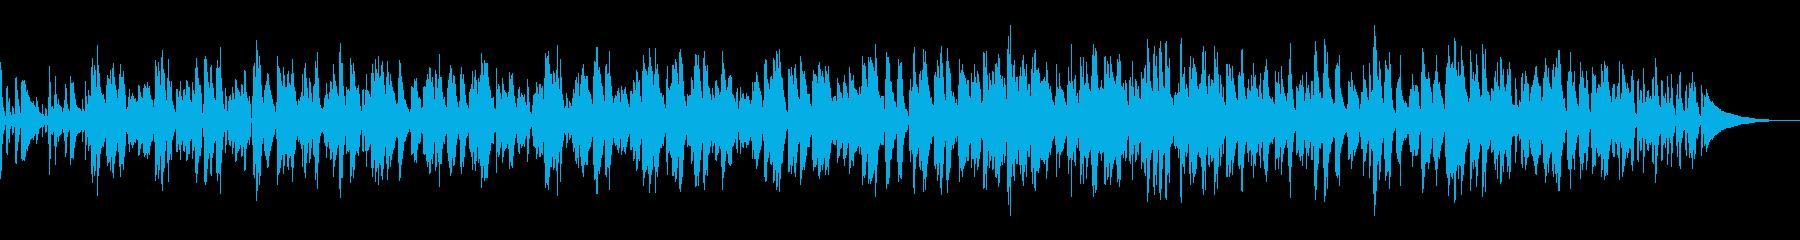 穏やかなラウンジ風ボサノバ/ピアノトリオの再生済みの波形